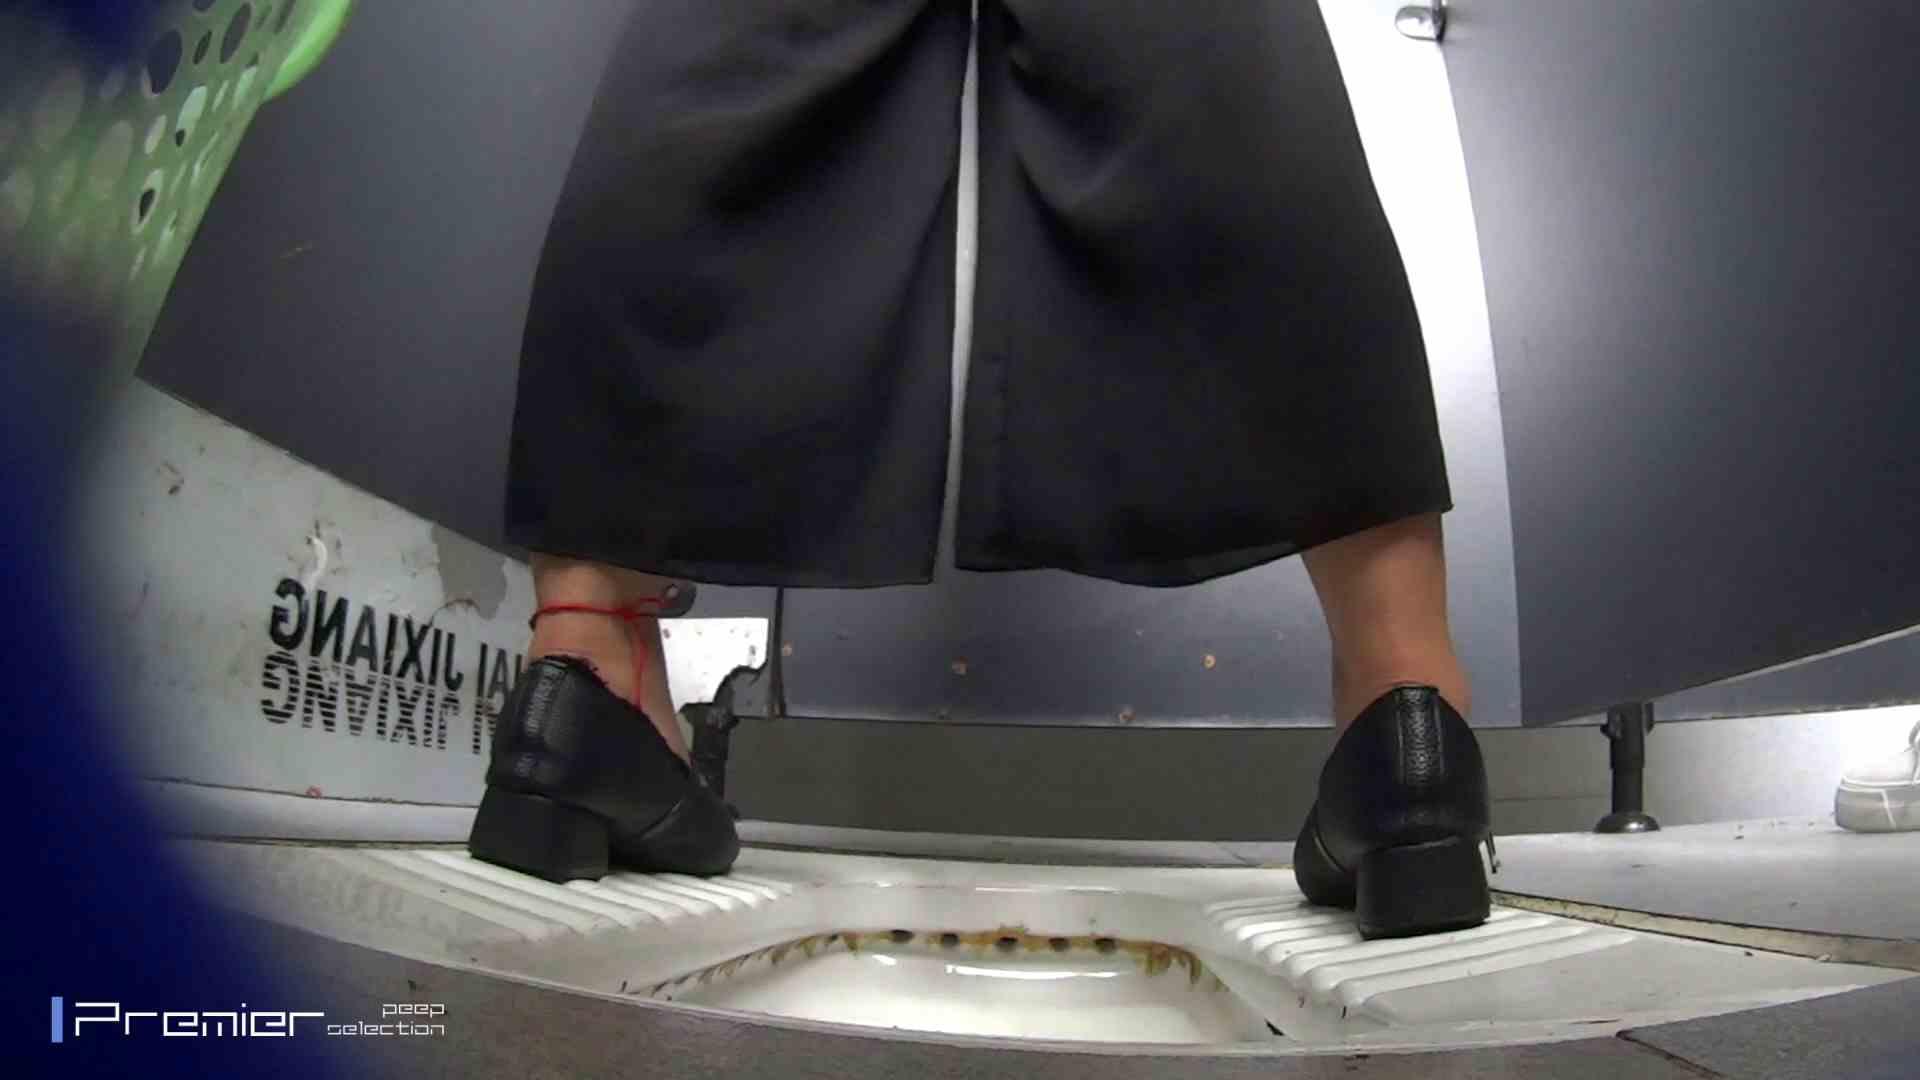 夏全開!ハーフパンツのギャル達 大学休憩時間の洗面所事情44 お姉さん  112pic 18